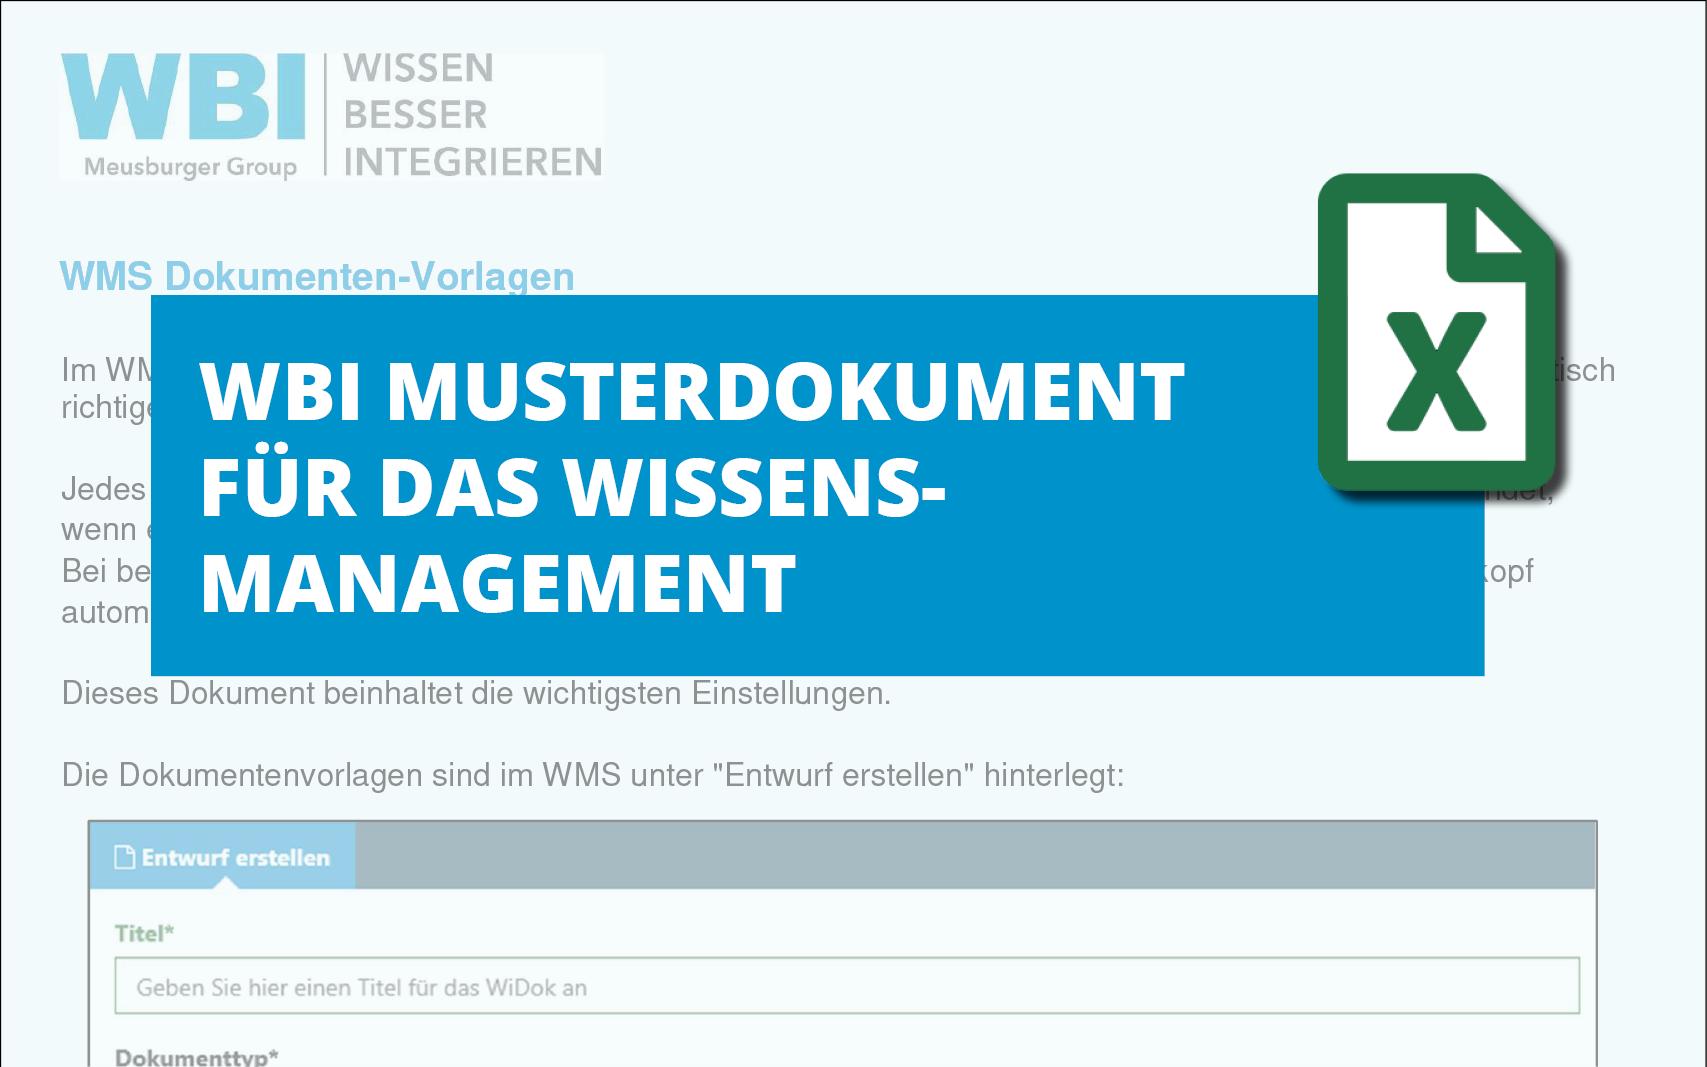 wbi-handout-wms-dokumenten-vorlage